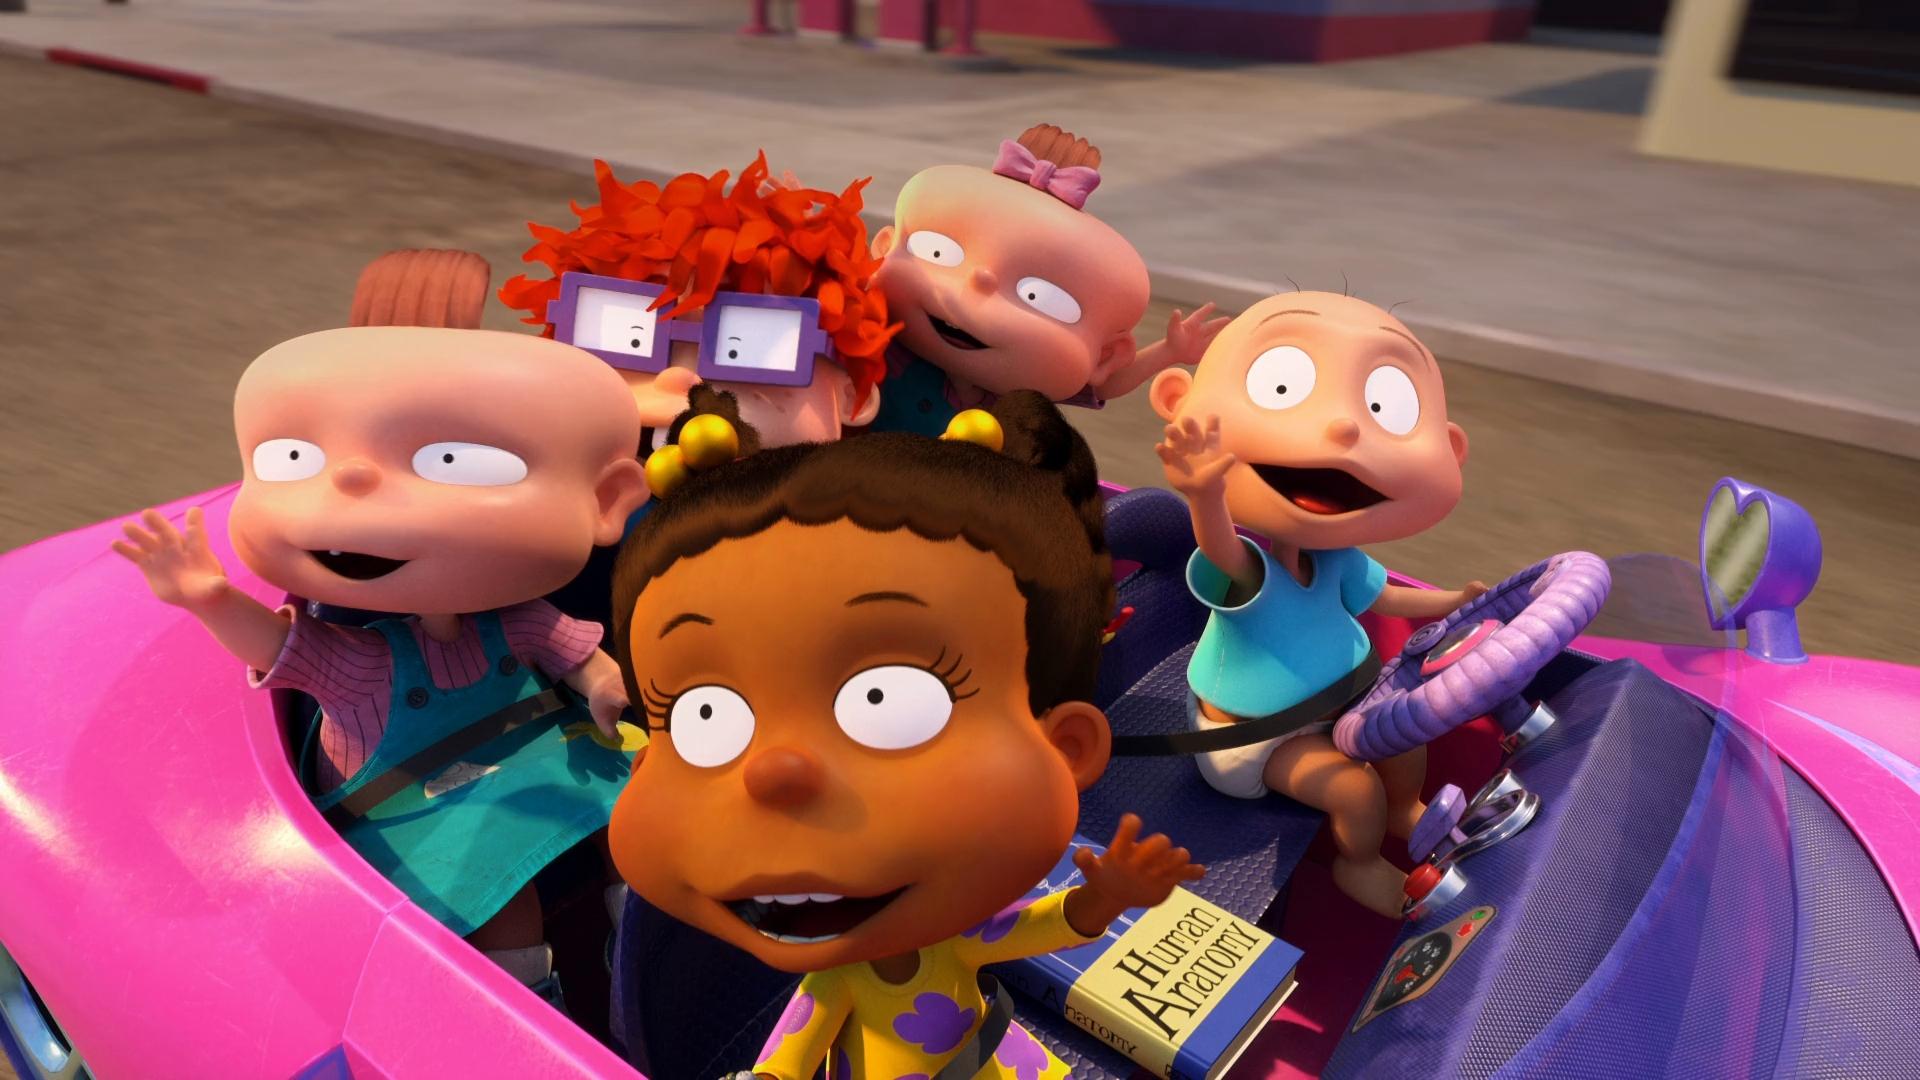 Rugrats Temporada 1 (2021) 1080p WEB-DL Latino